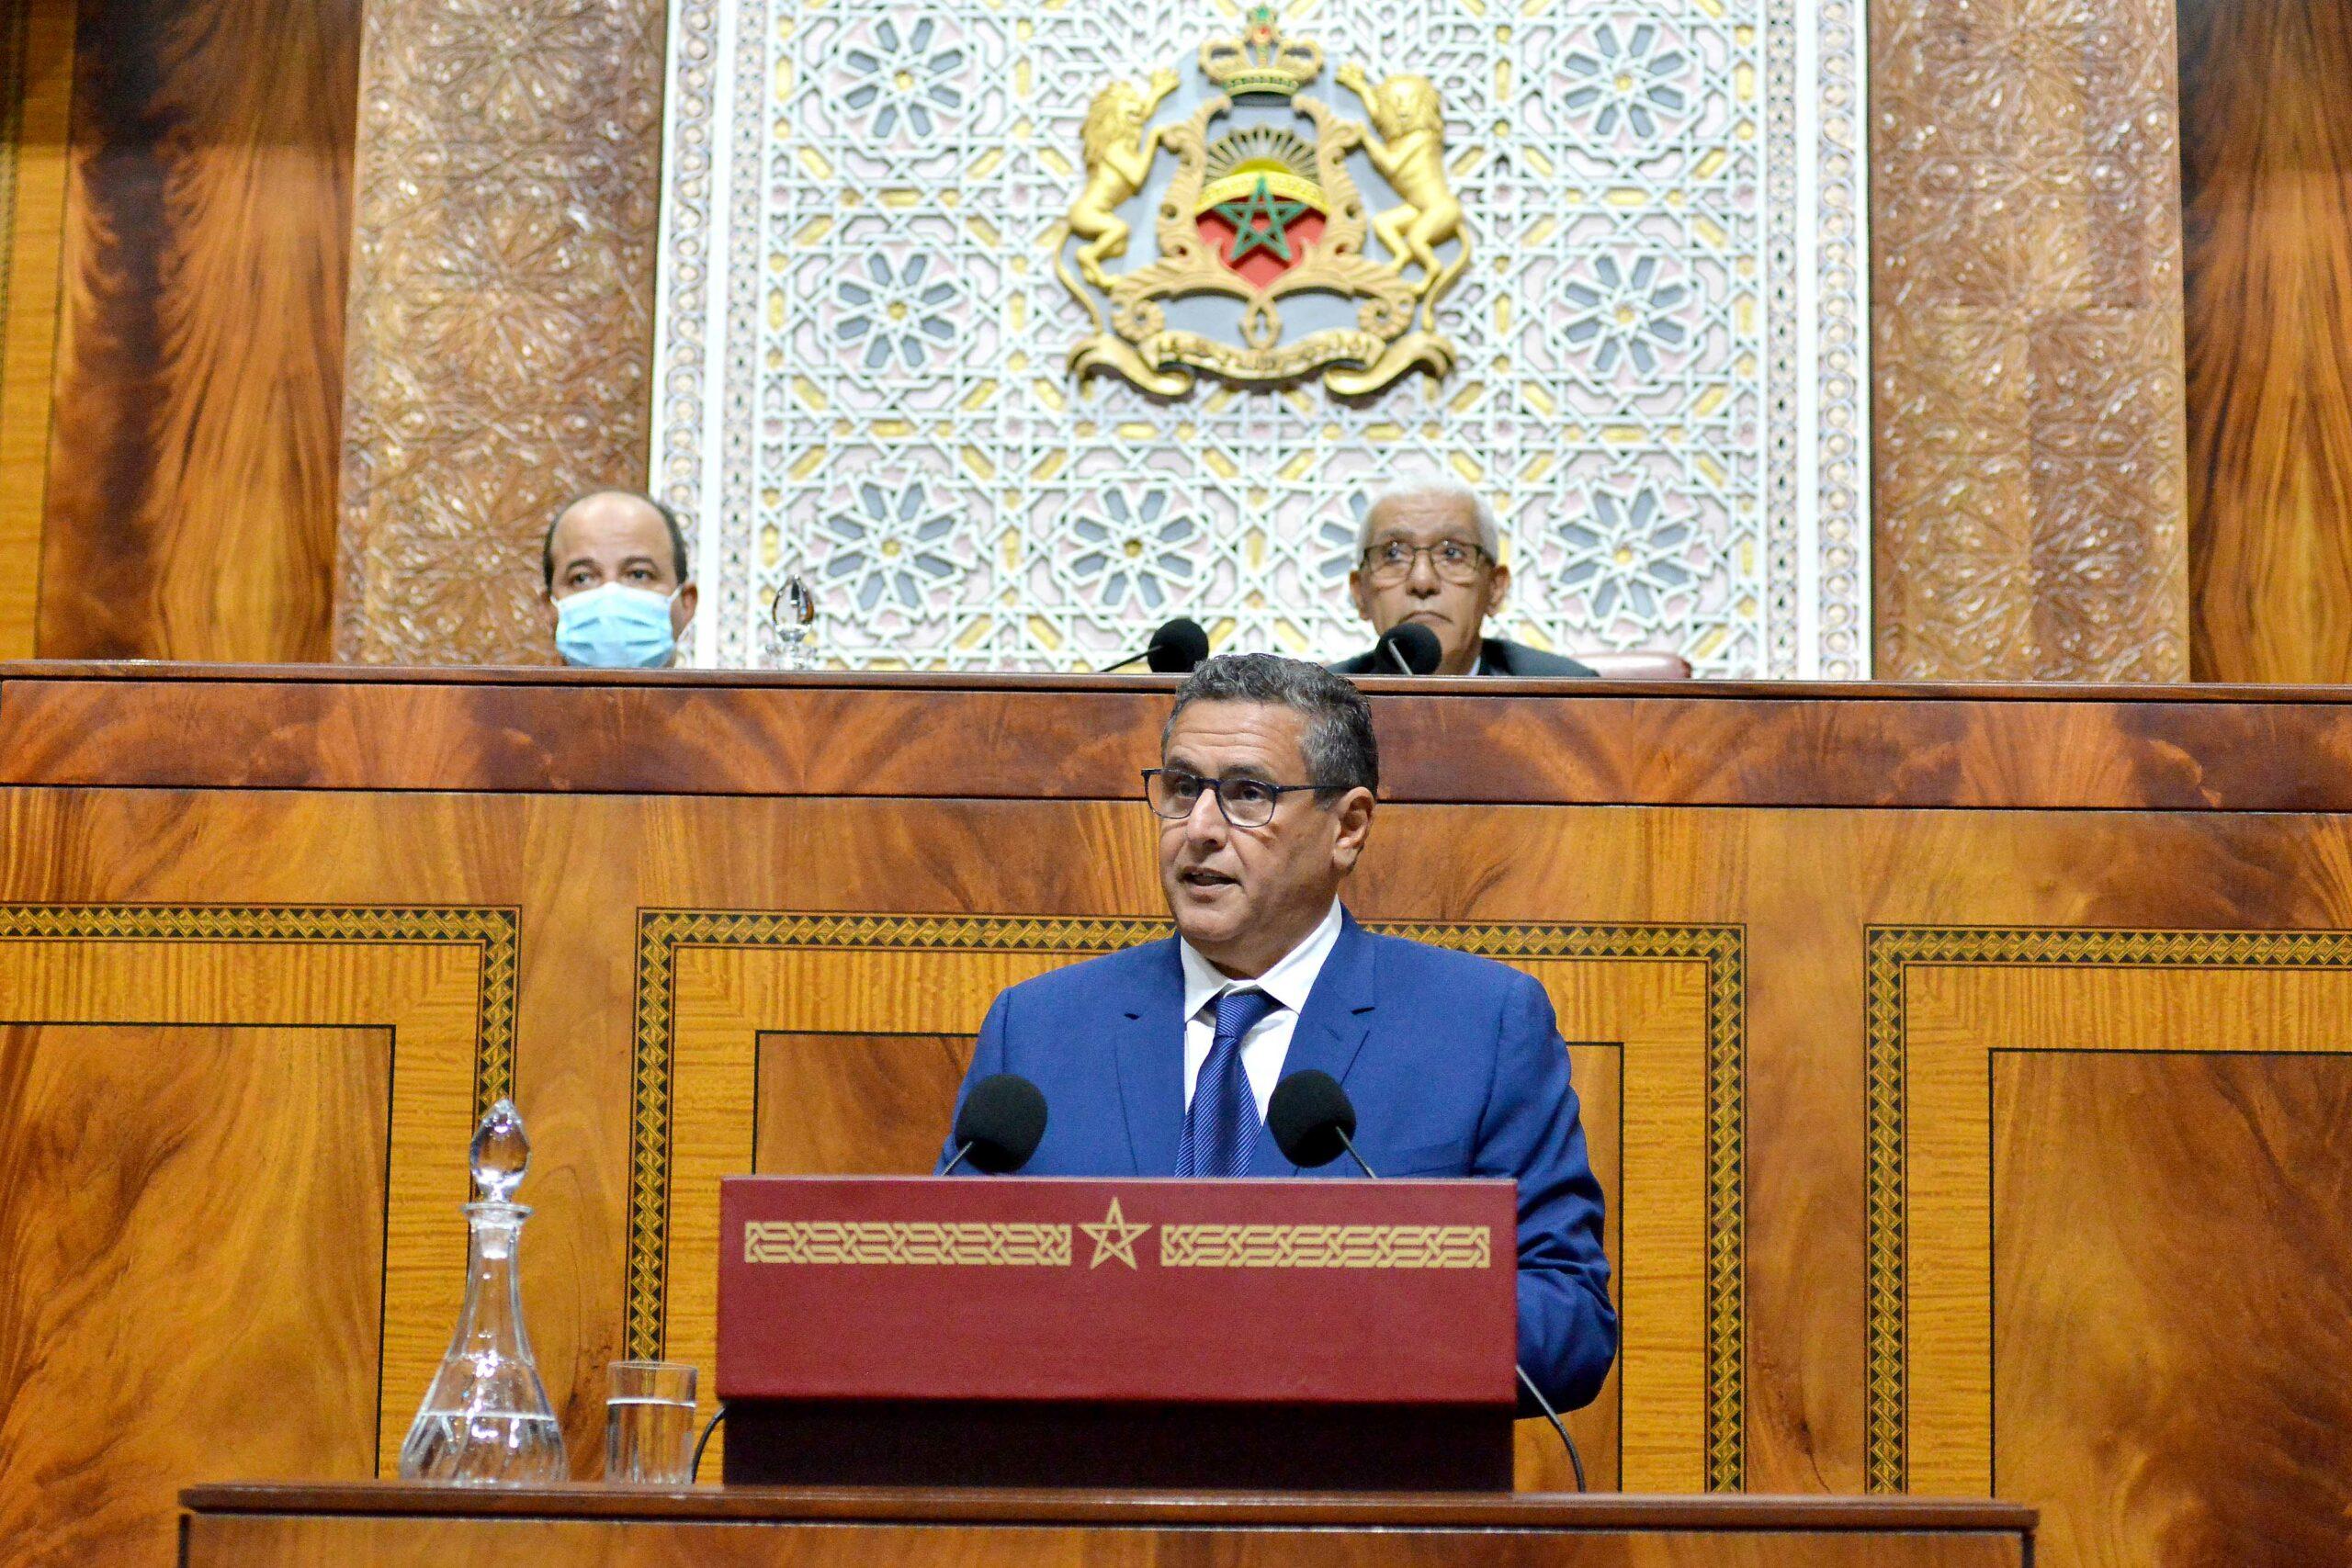 رئيس الحكومة يتعهد بالإرتقاء بالرياضة المدرسية وتحسين أداء الرياضيين المغاربة